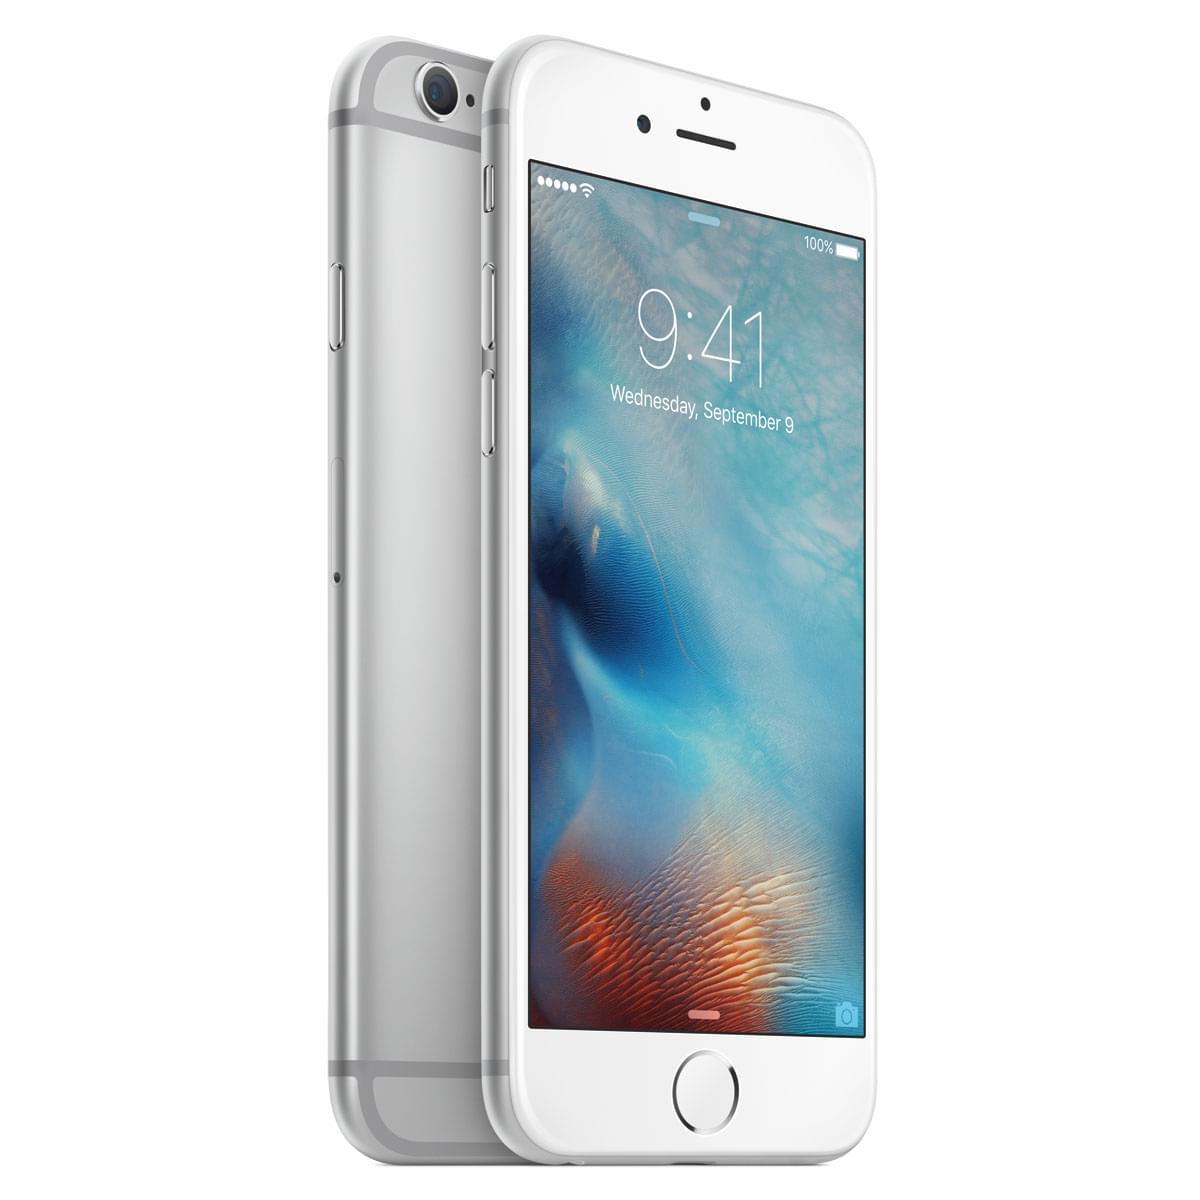 Apple iPhone 6s 16Go Argent  (MKQK2ZD/A) - Achat / Vente Téléphonie sur Cybertek.fr - 1